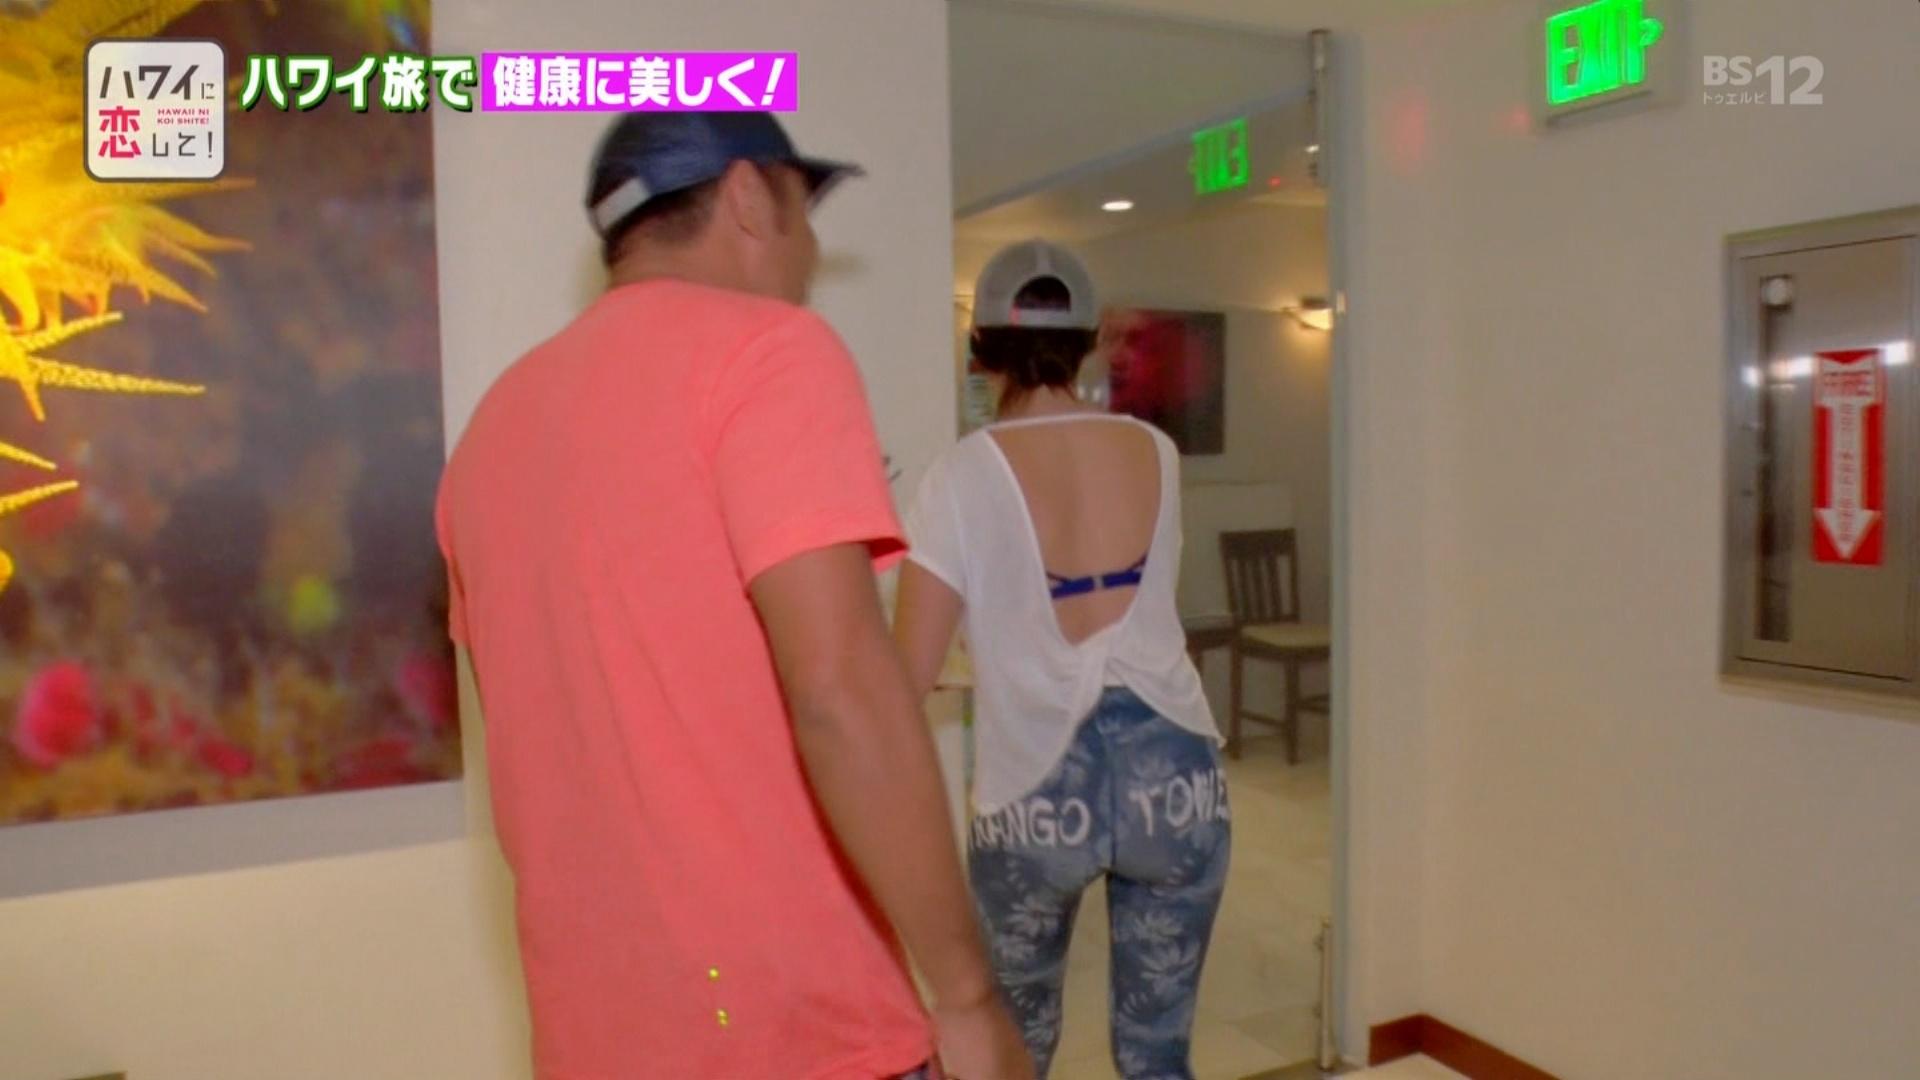 2019年8月11日にBS12で放送された「ハワイに恋して」のテレビキャプチャー画像-055